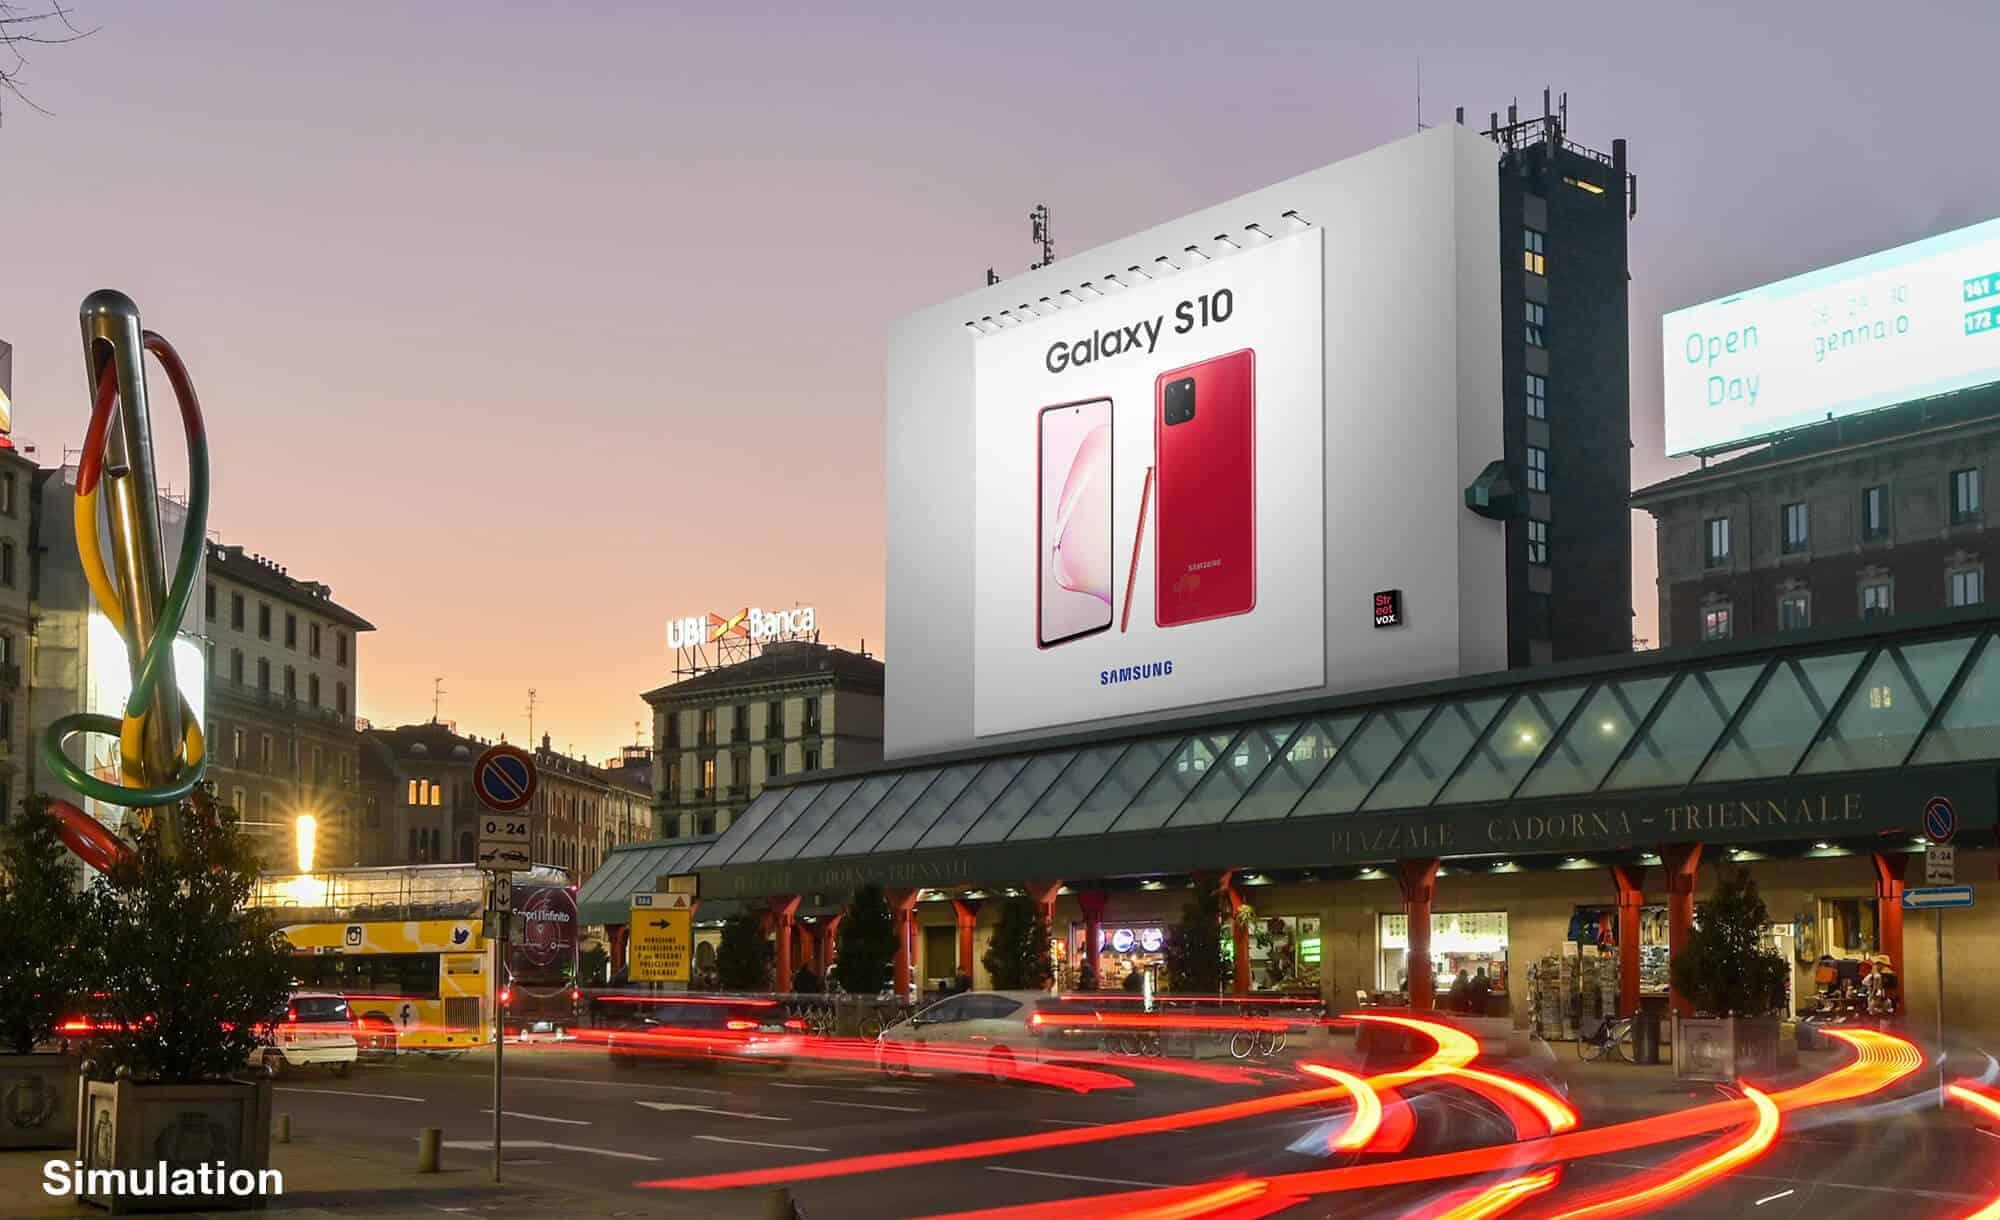 Maxi Affissione a Milano in Piazza Cadorna di Samsung (technology)